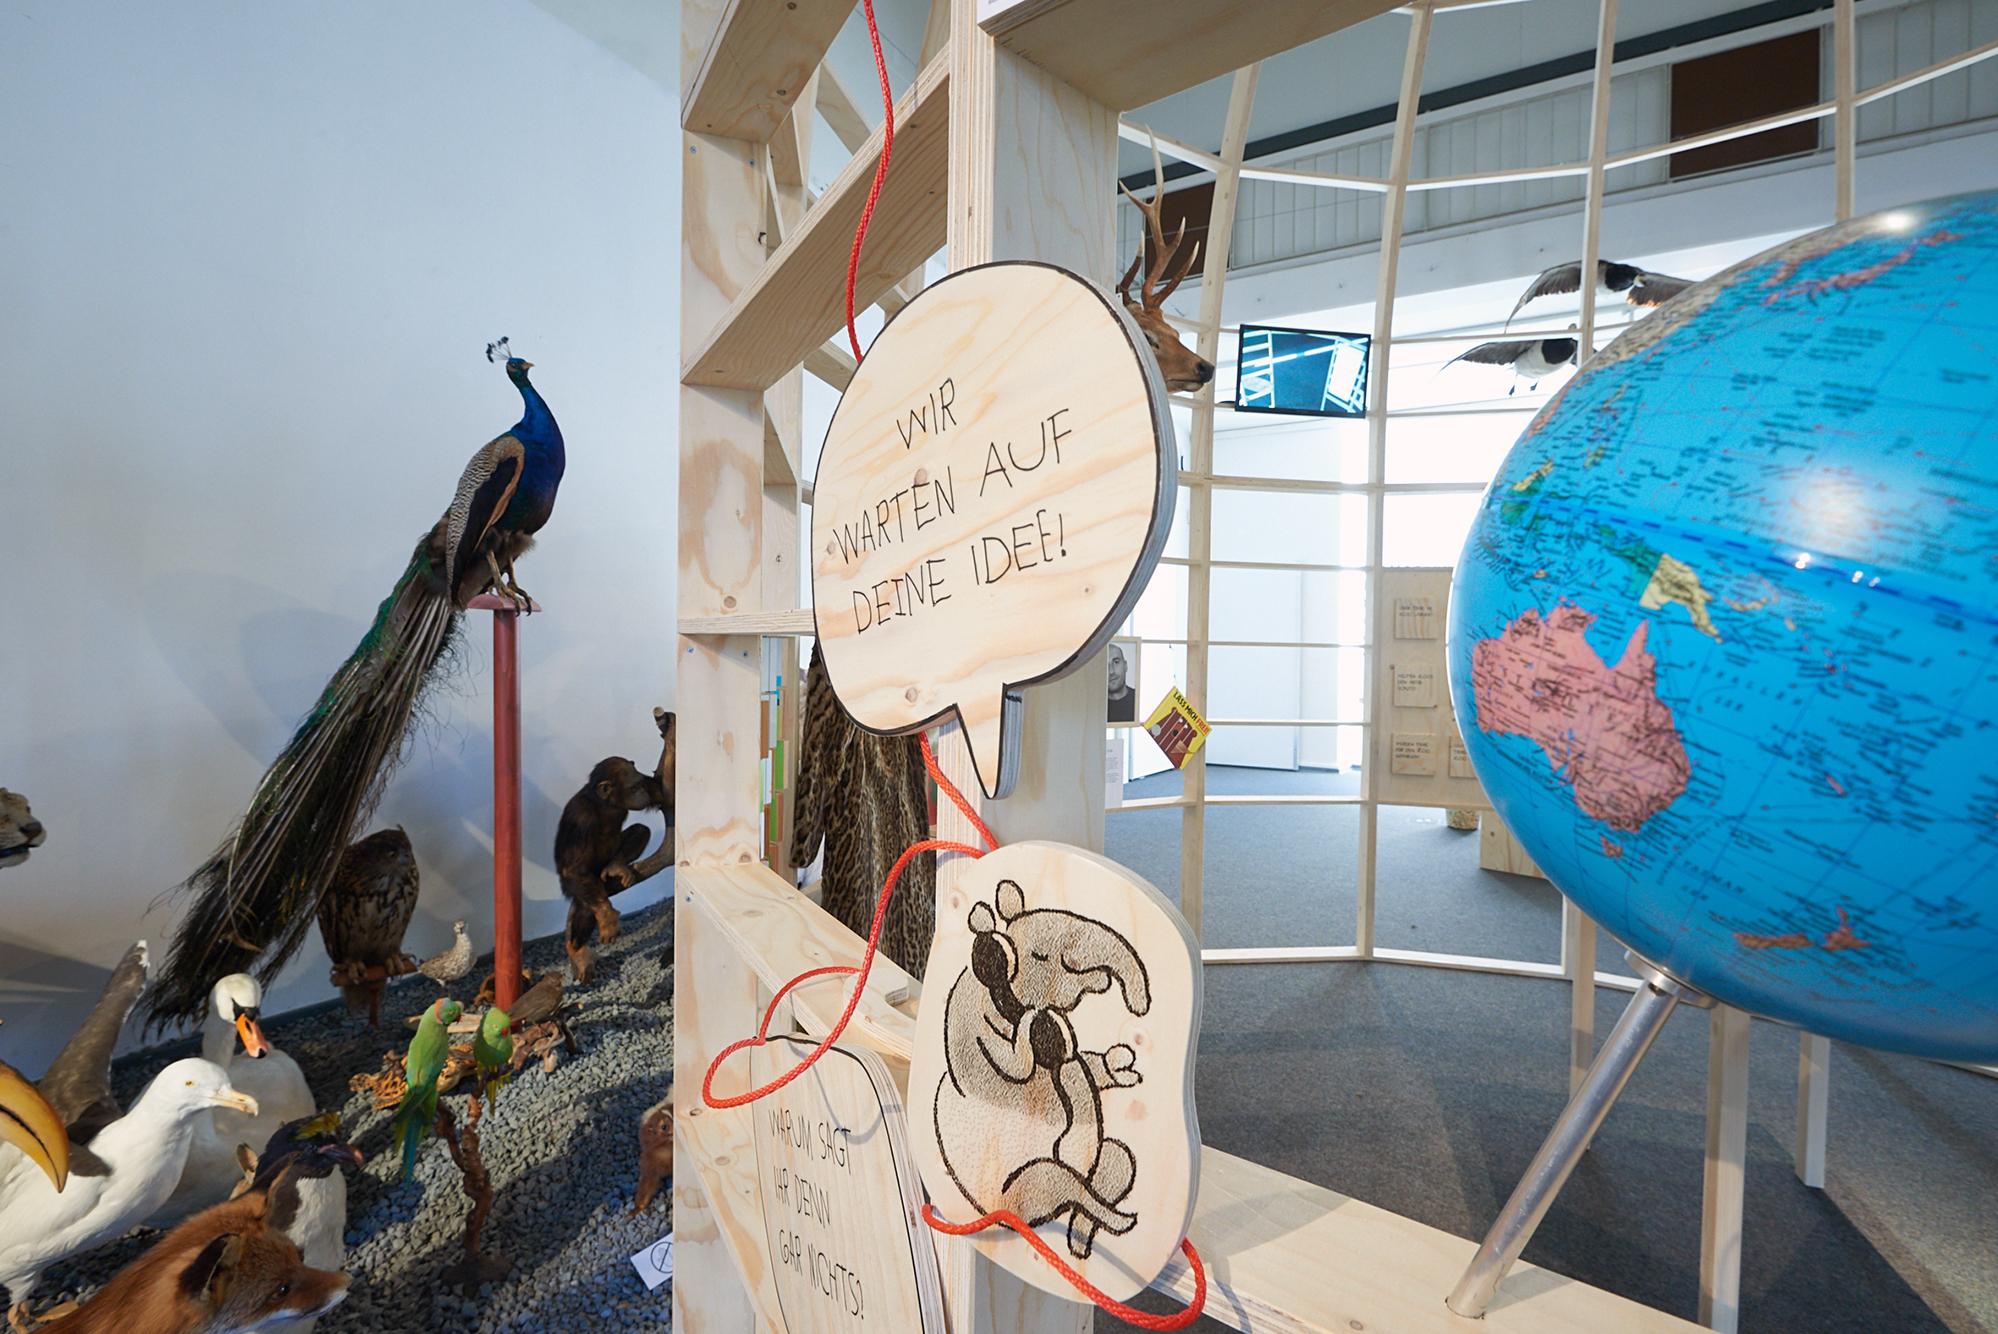 von GROTE Ausstellungsgestaltung und Design / Landesmuseum Natur und Mensch Oldenburg – Erzähl mir vom Tier